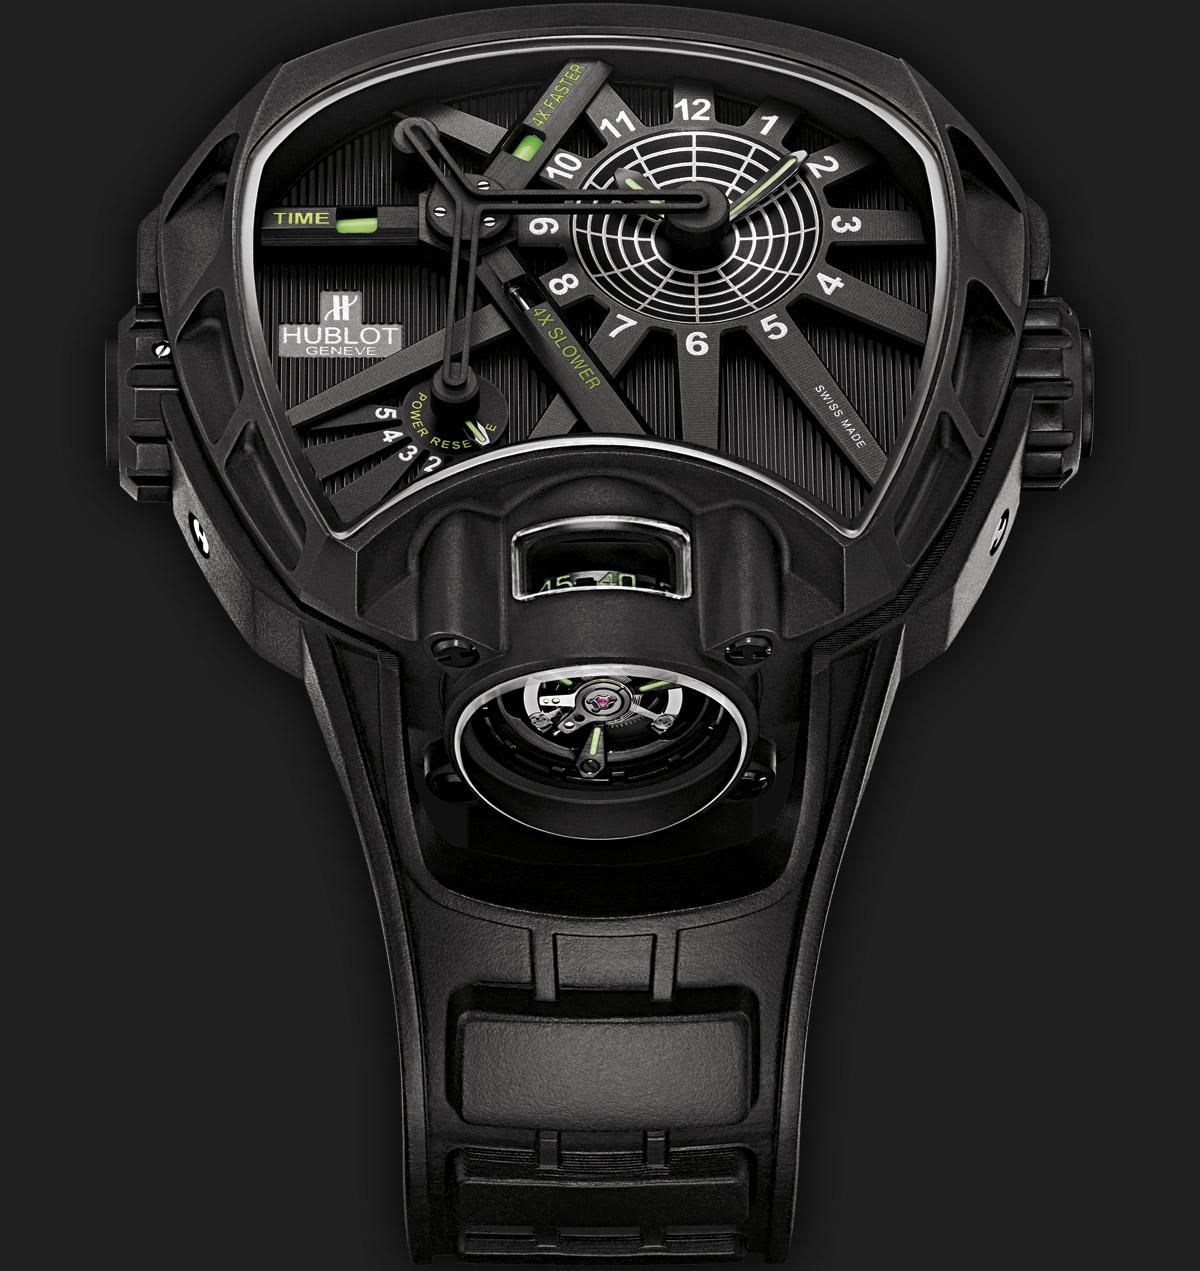 Hublot MP-02 Key of Time